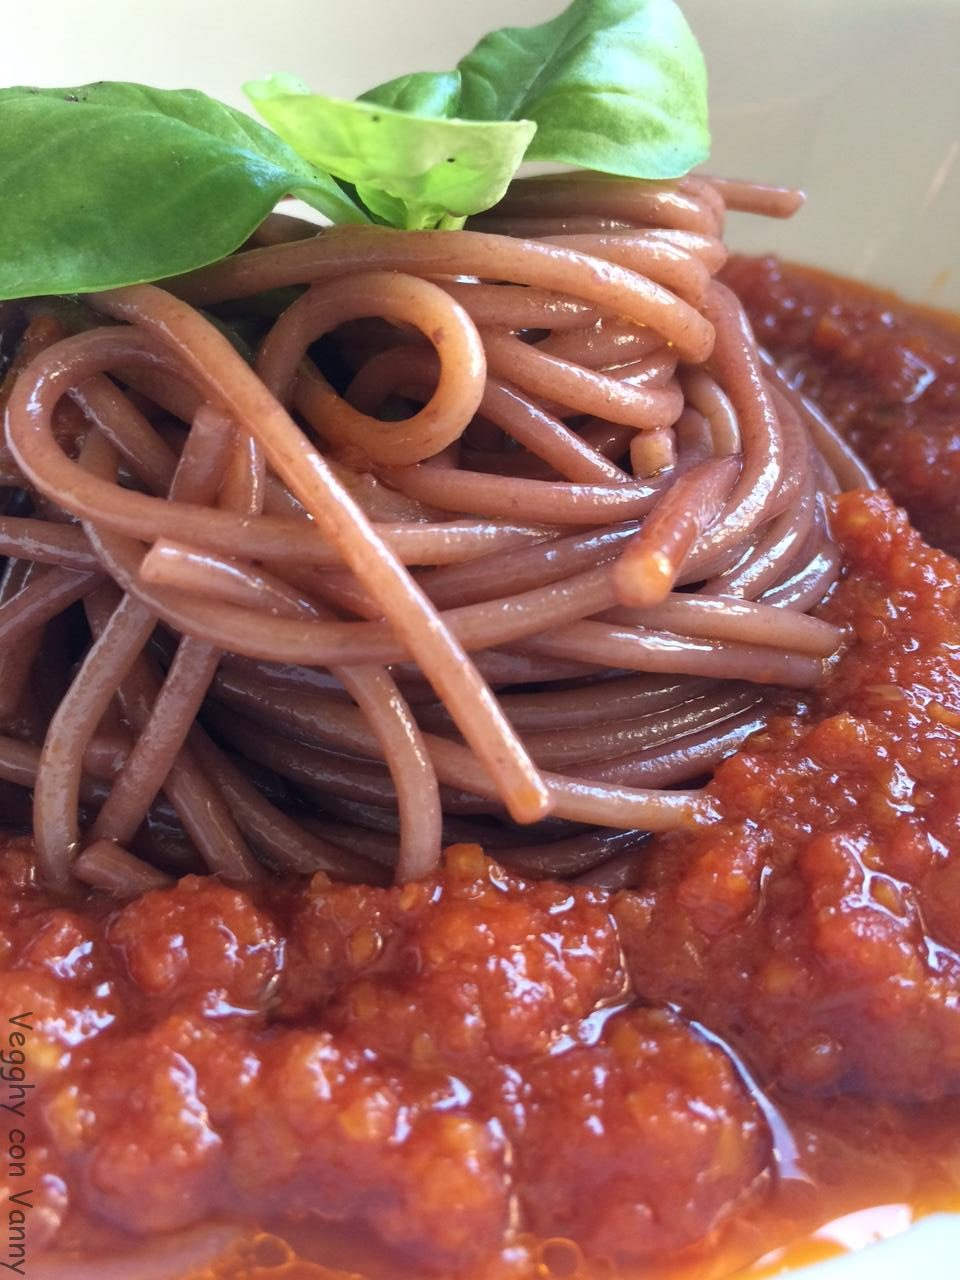 Spaghetti integrali al vino rosso in salsa di pomodoro